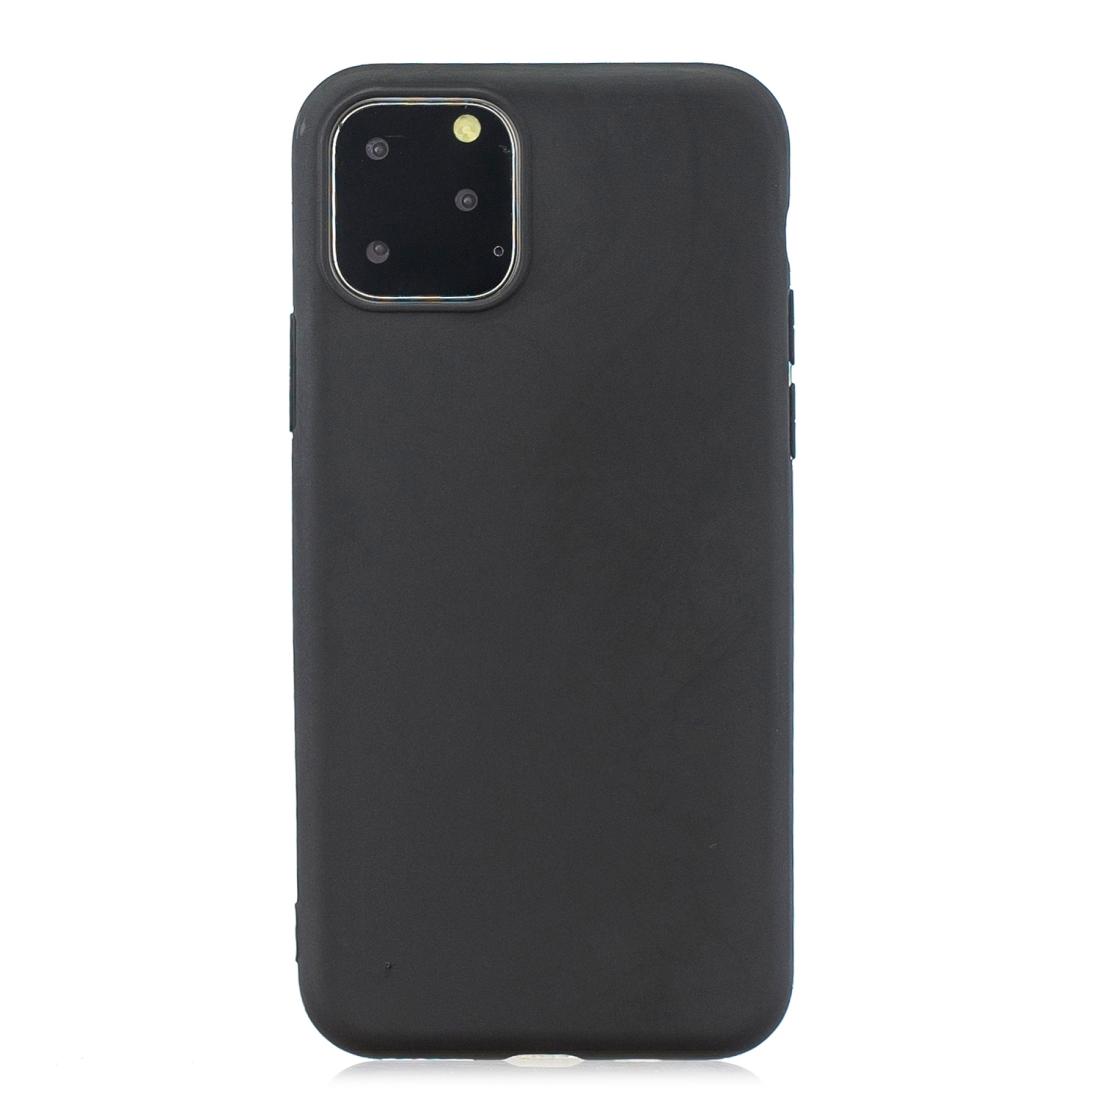 Matný silikonový obal na iPhone 11 Pro - černá